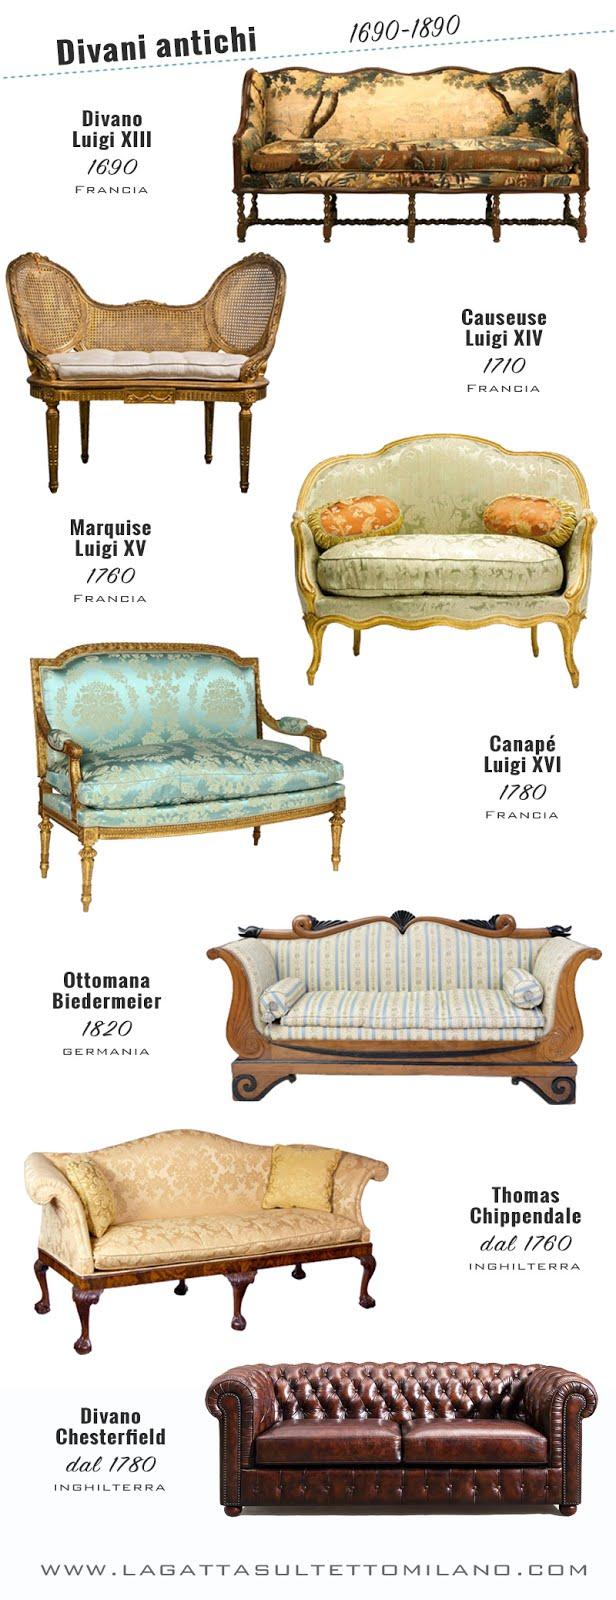 L'evoluzione del divano da Versailles ai nostri giorni infografica divani antichi